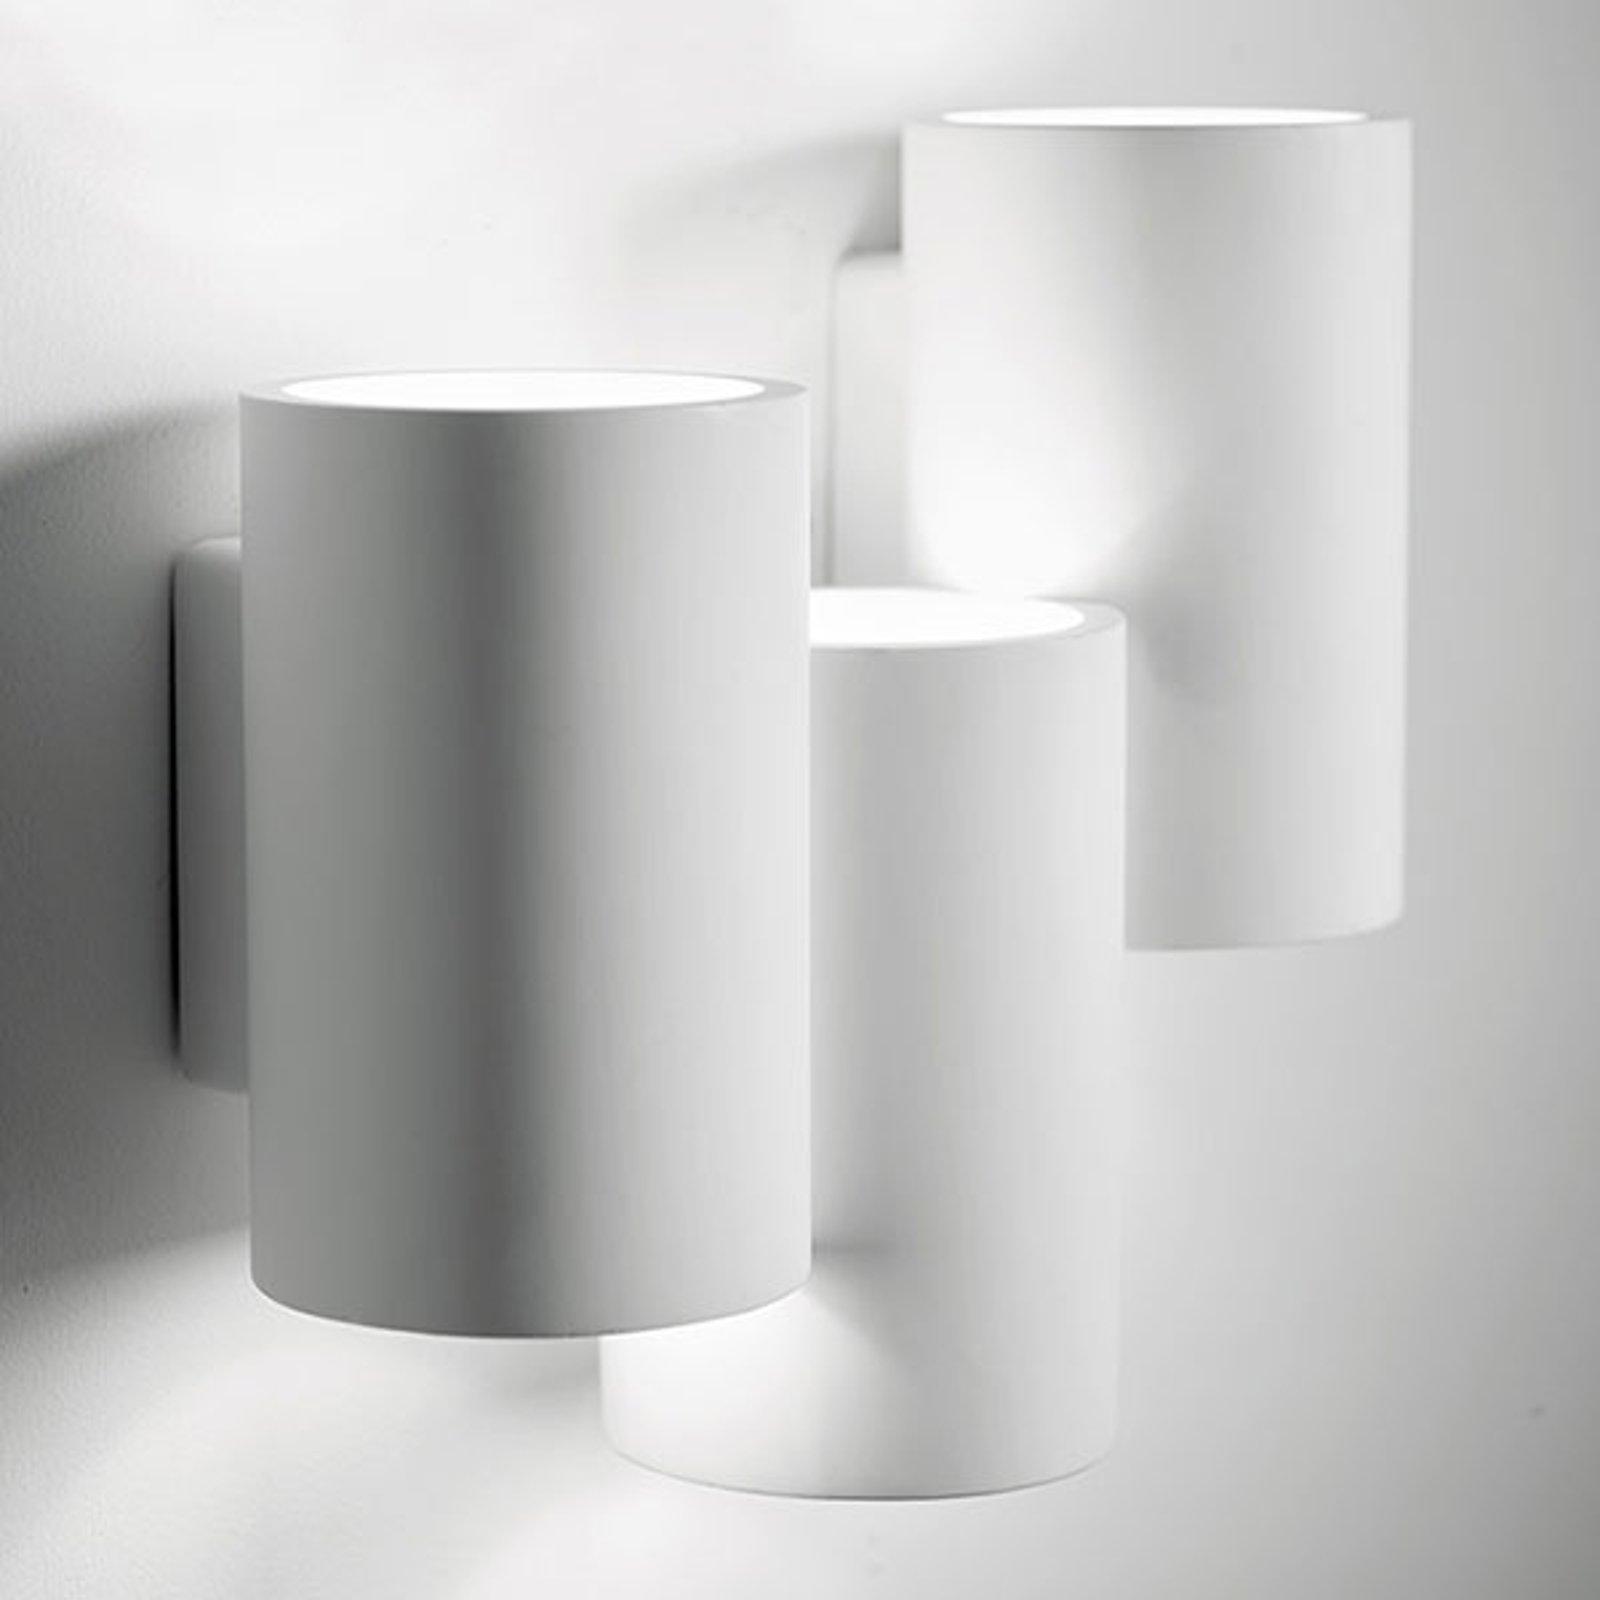 Vegglampe Arta med tre sylindere